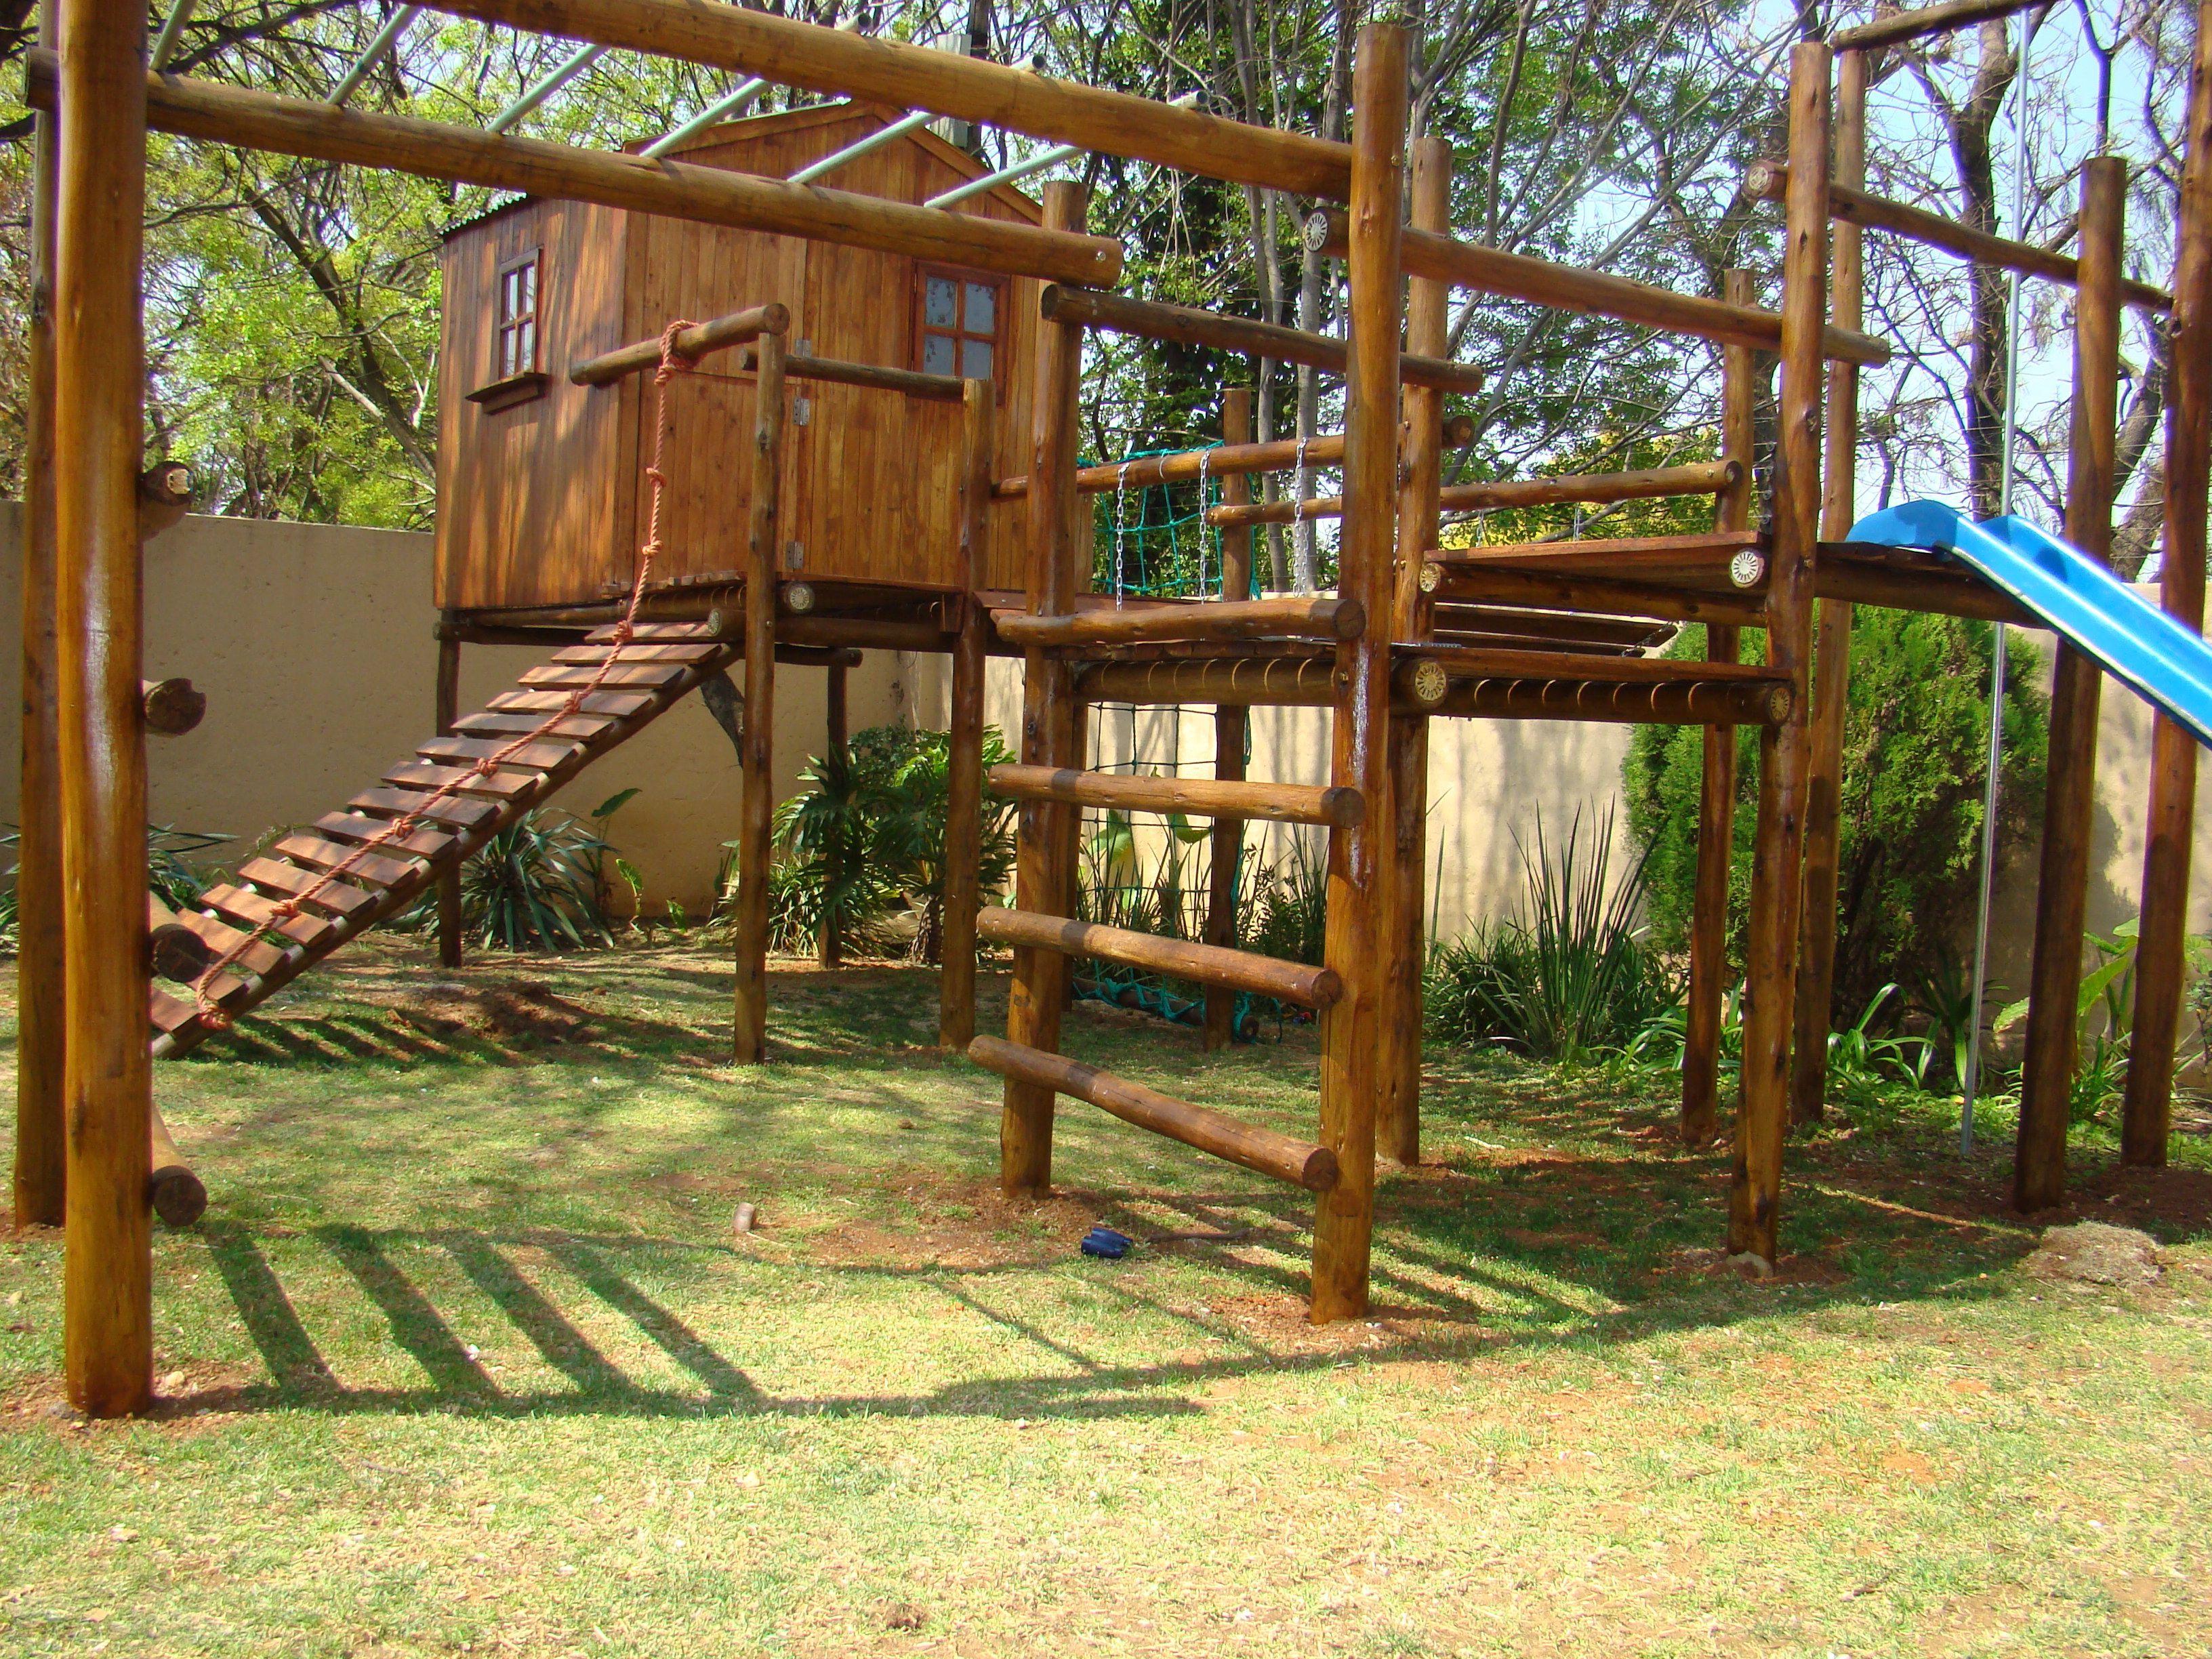 Jungle Gym Backyard - Frontyard.outdoorhouseplan.com in 17